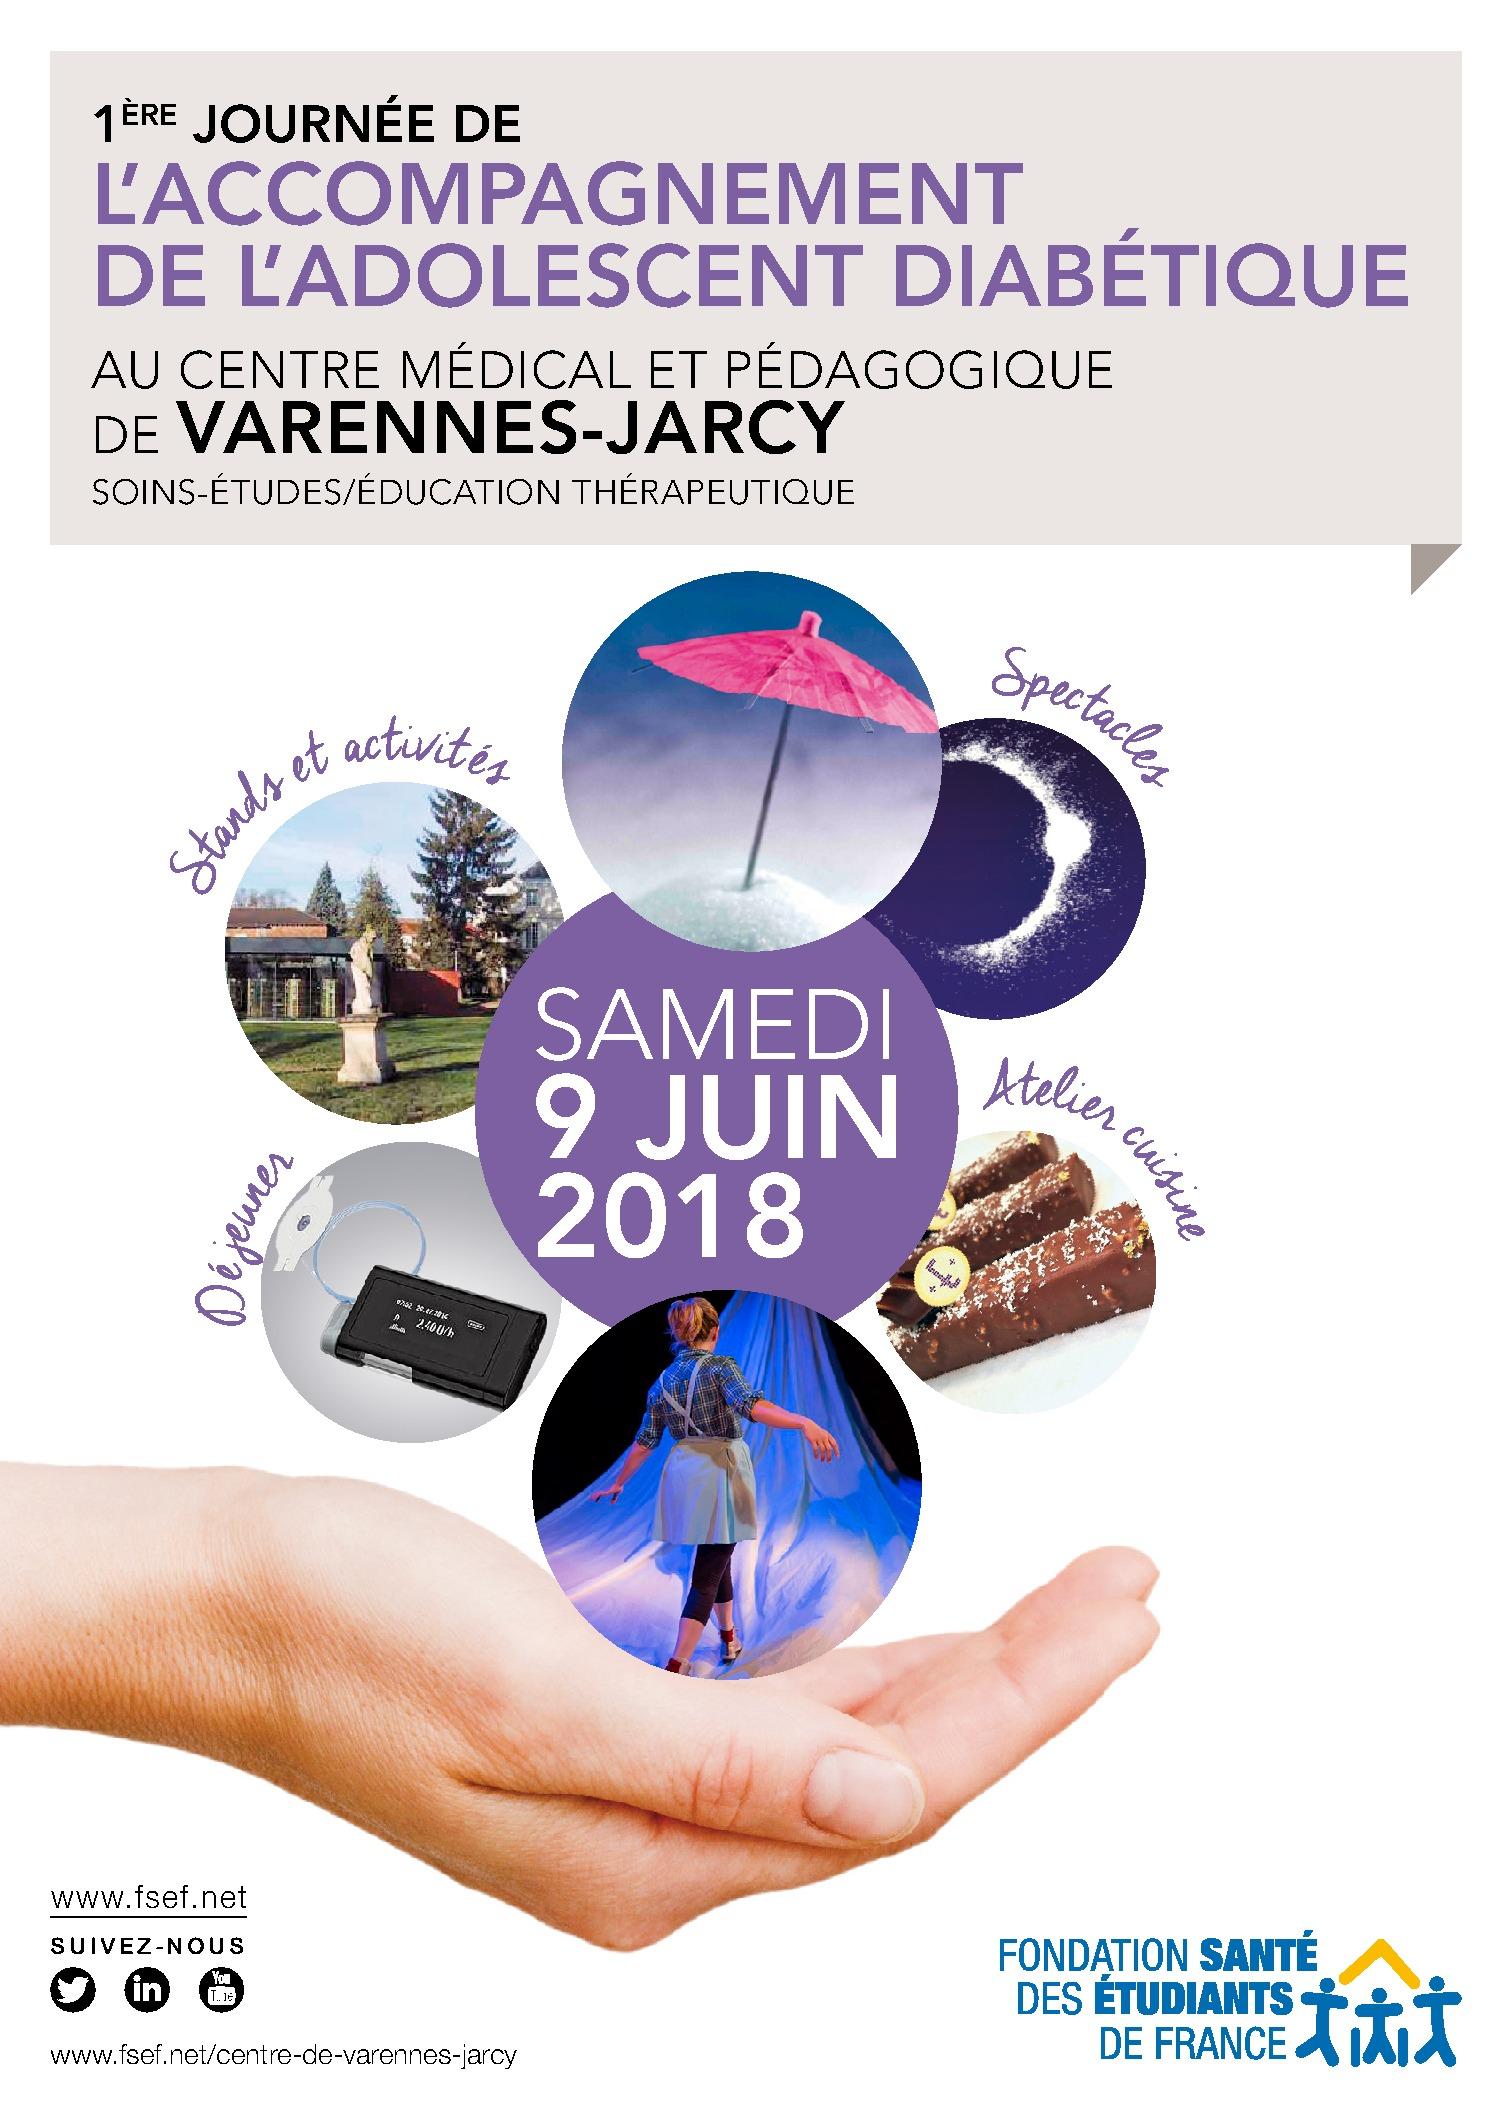 thumbnail of 01-AFFICHE A3 VarennesJarcy-journée diabète